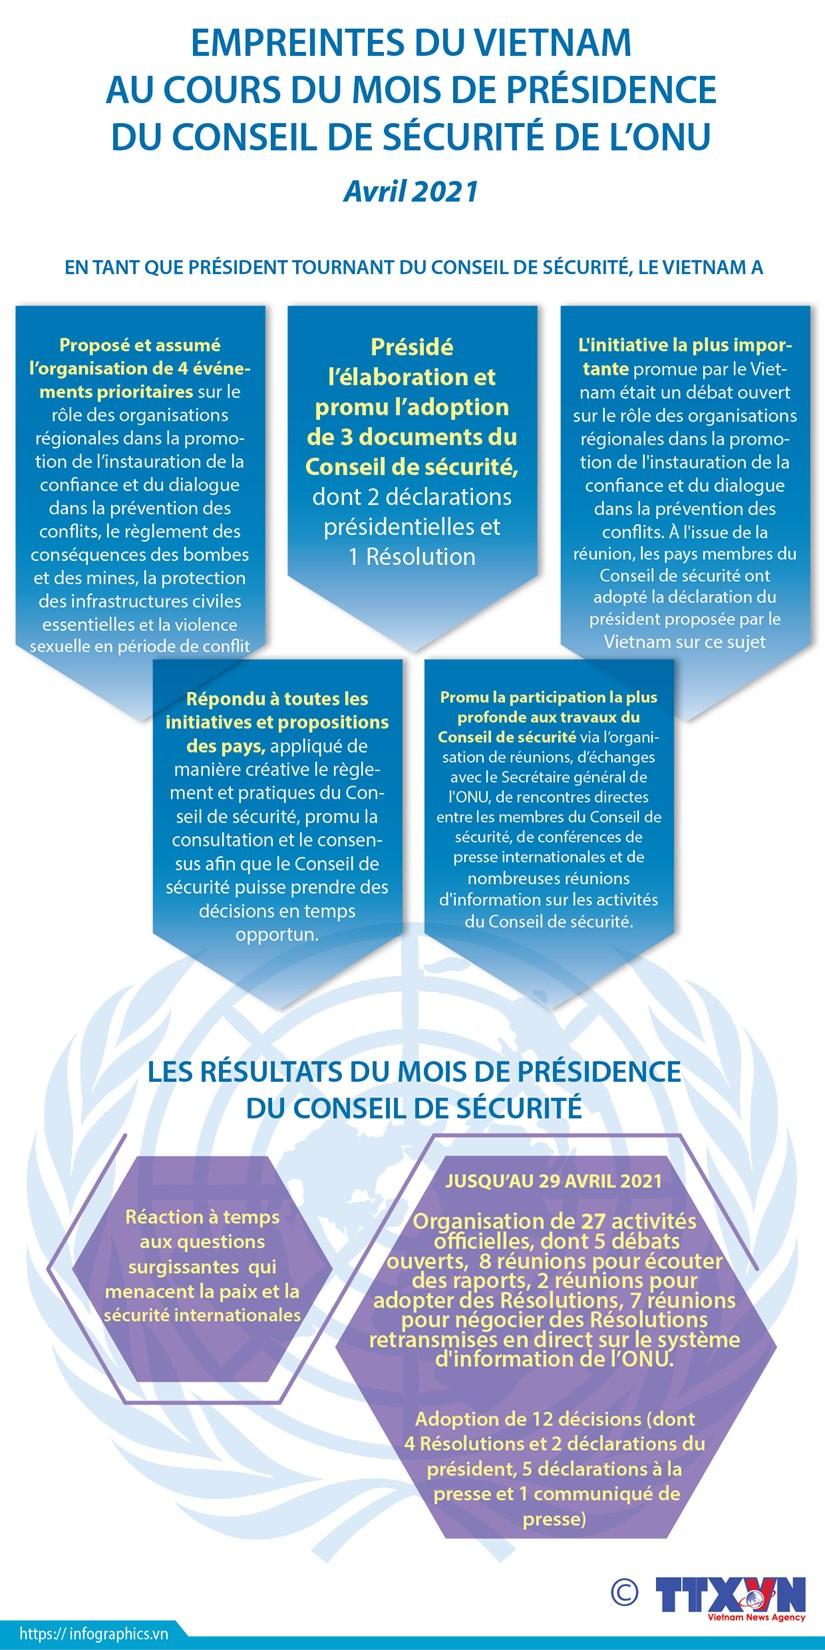 Empreintes du Vietnam au cours du mois de presidence du Conseil de securite de l'ONU hinh anh 1